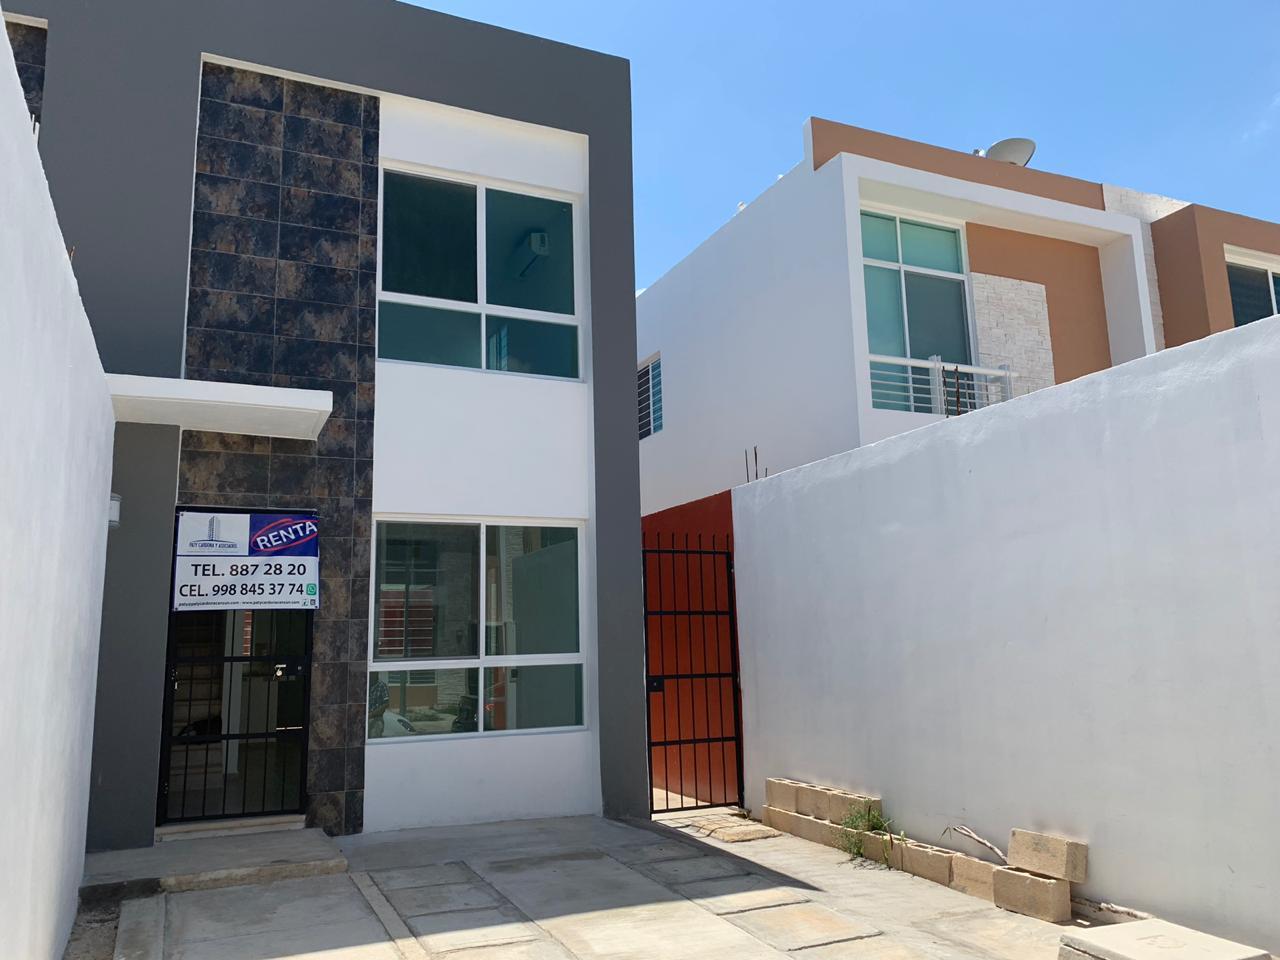 Casa Renta en Cancun 2 recámaras 1.5 baños Gran Santa Fe III